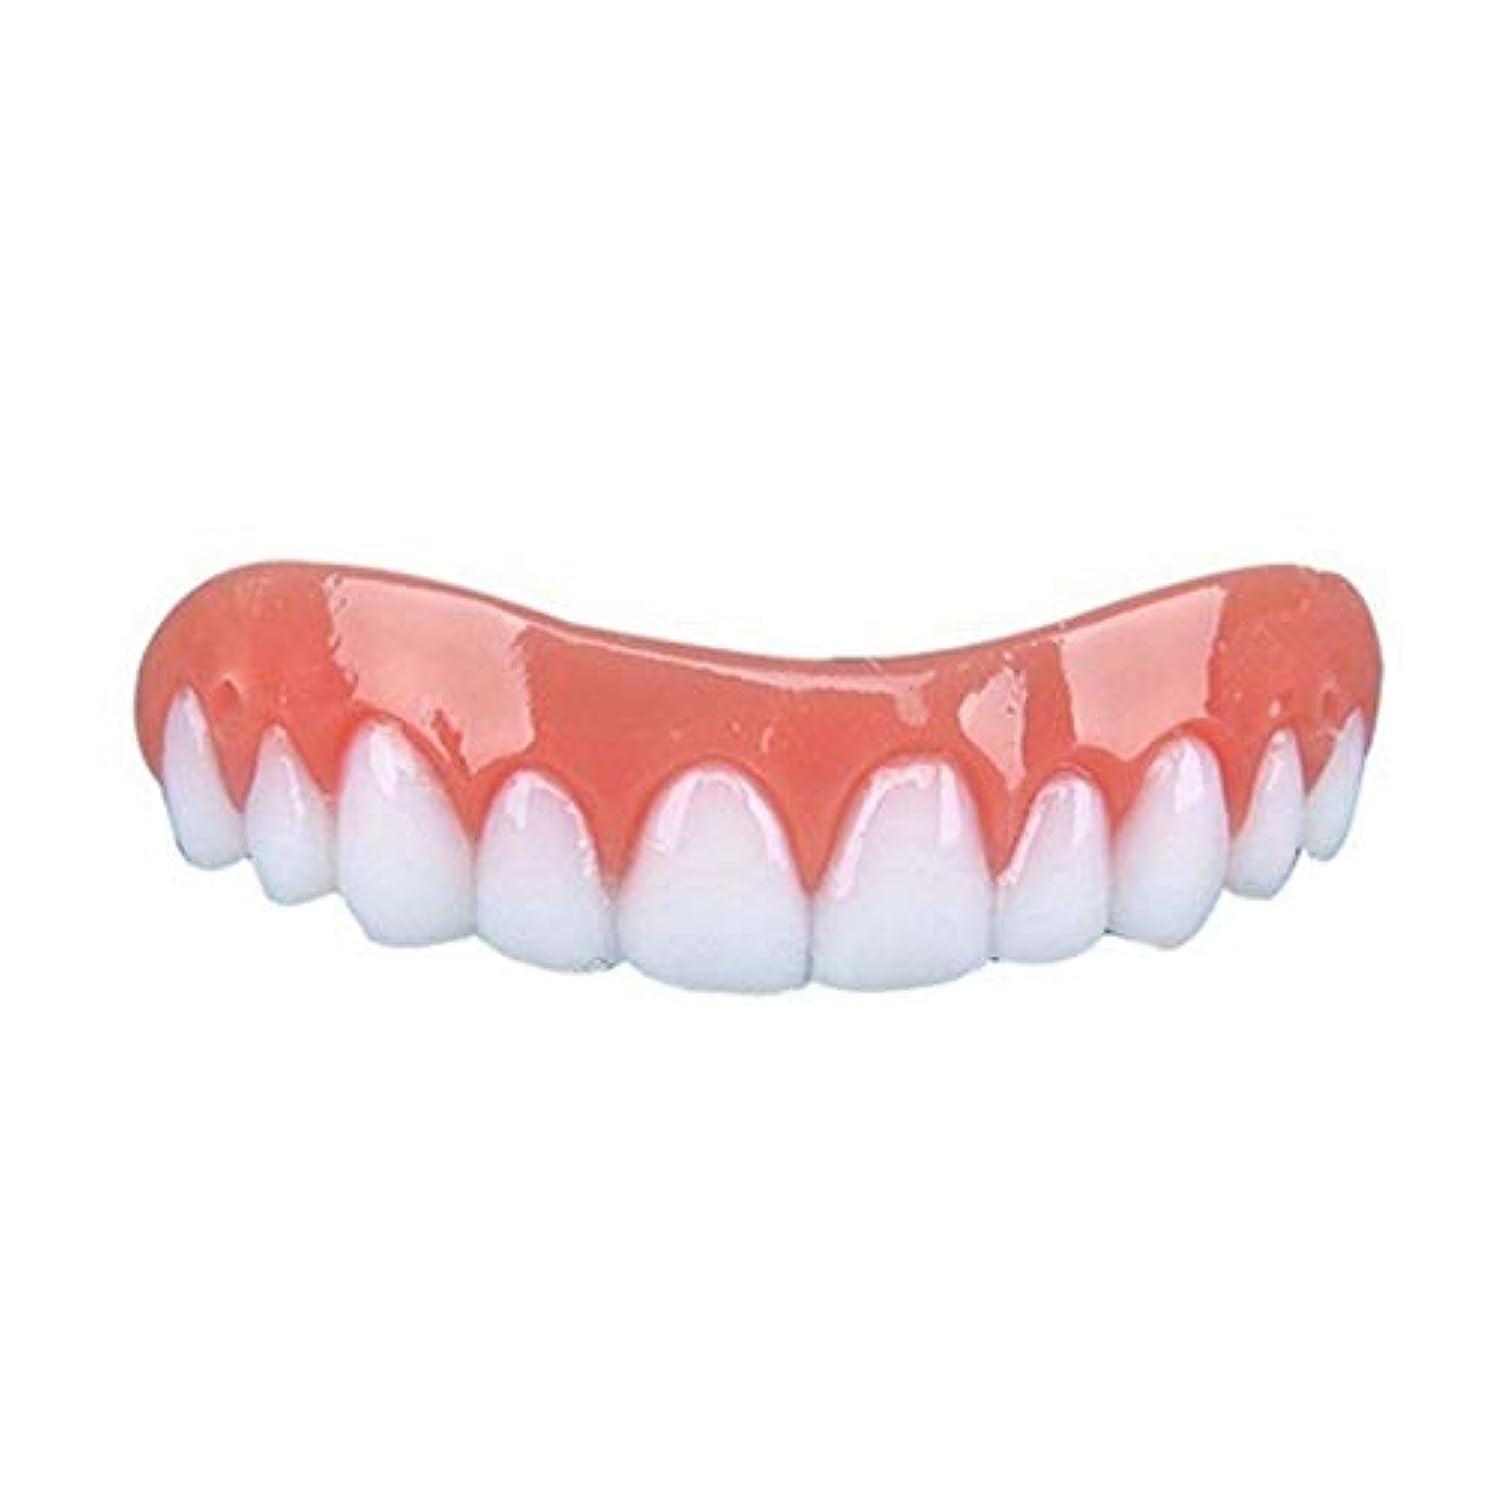 用心する通りワインBartram 歯カバー シリコン義歯ペースト 上歯 笑顔を保つ 歯保護 美容用 入れ歯 矯正義歯